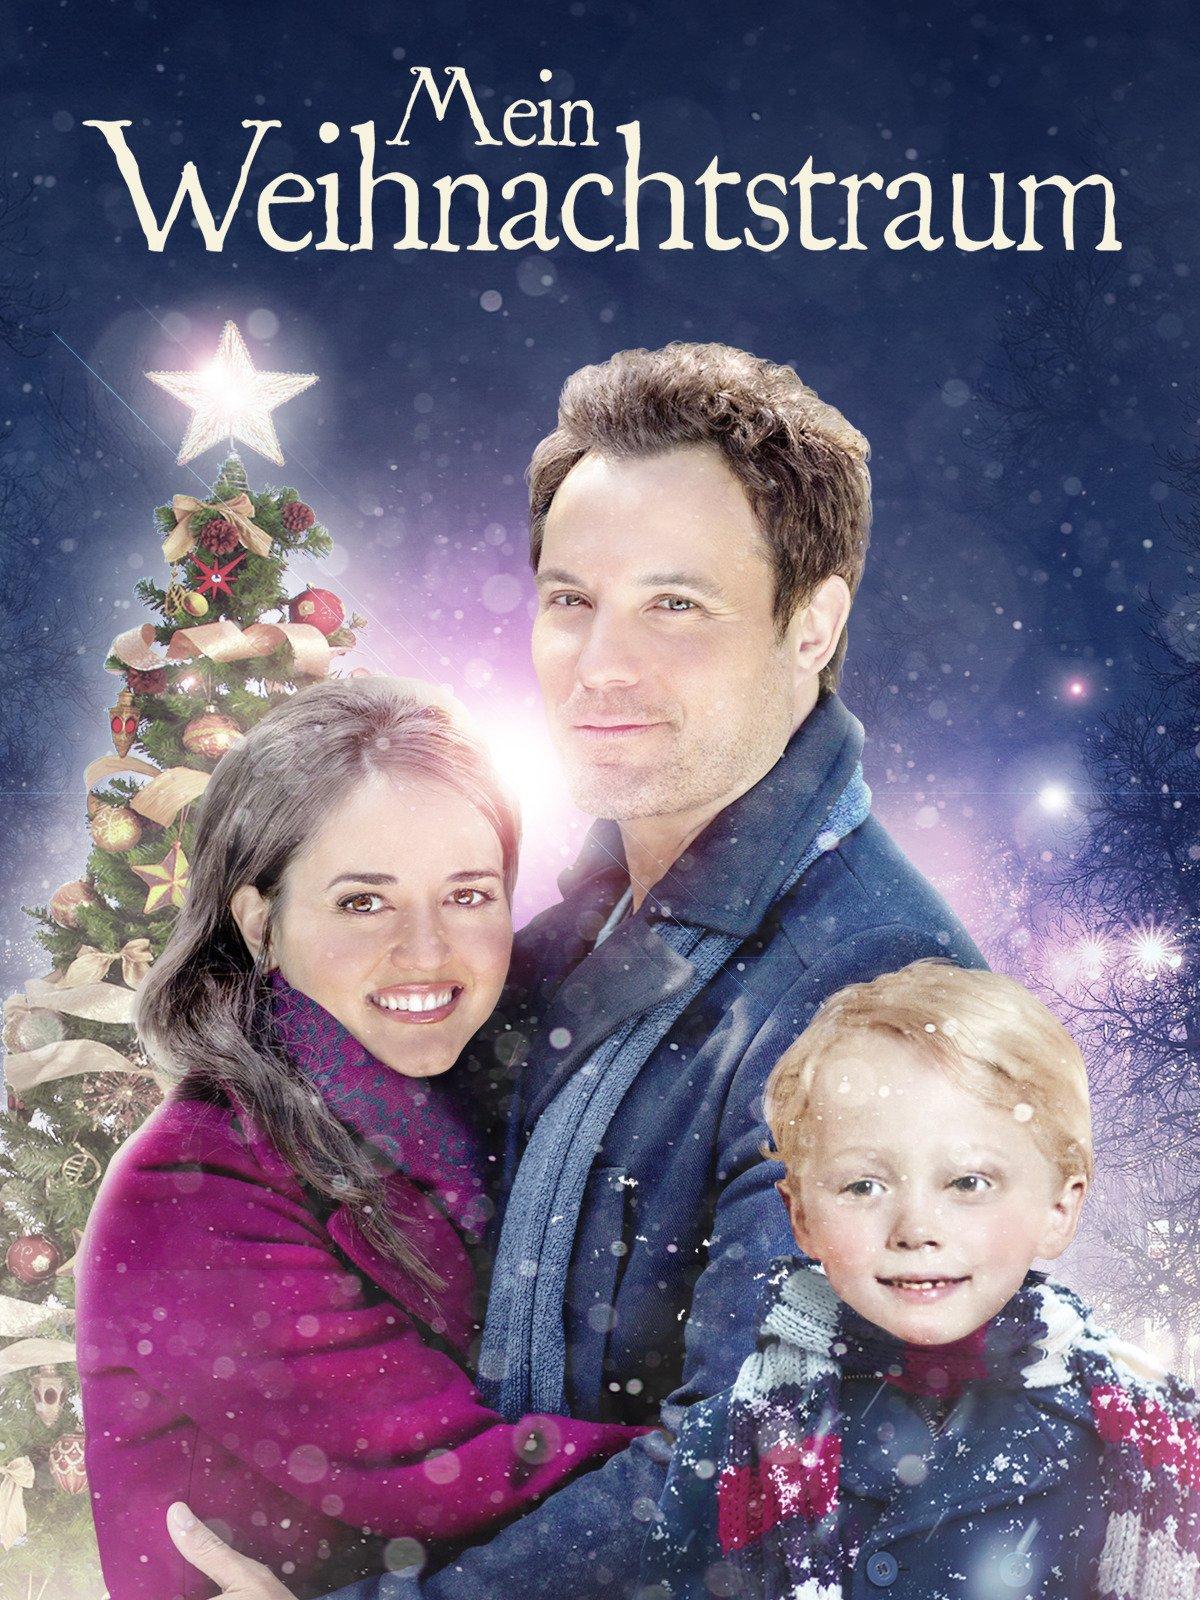 Amazon.de: Mein Weihnachtstraum ansehen | Prime Video